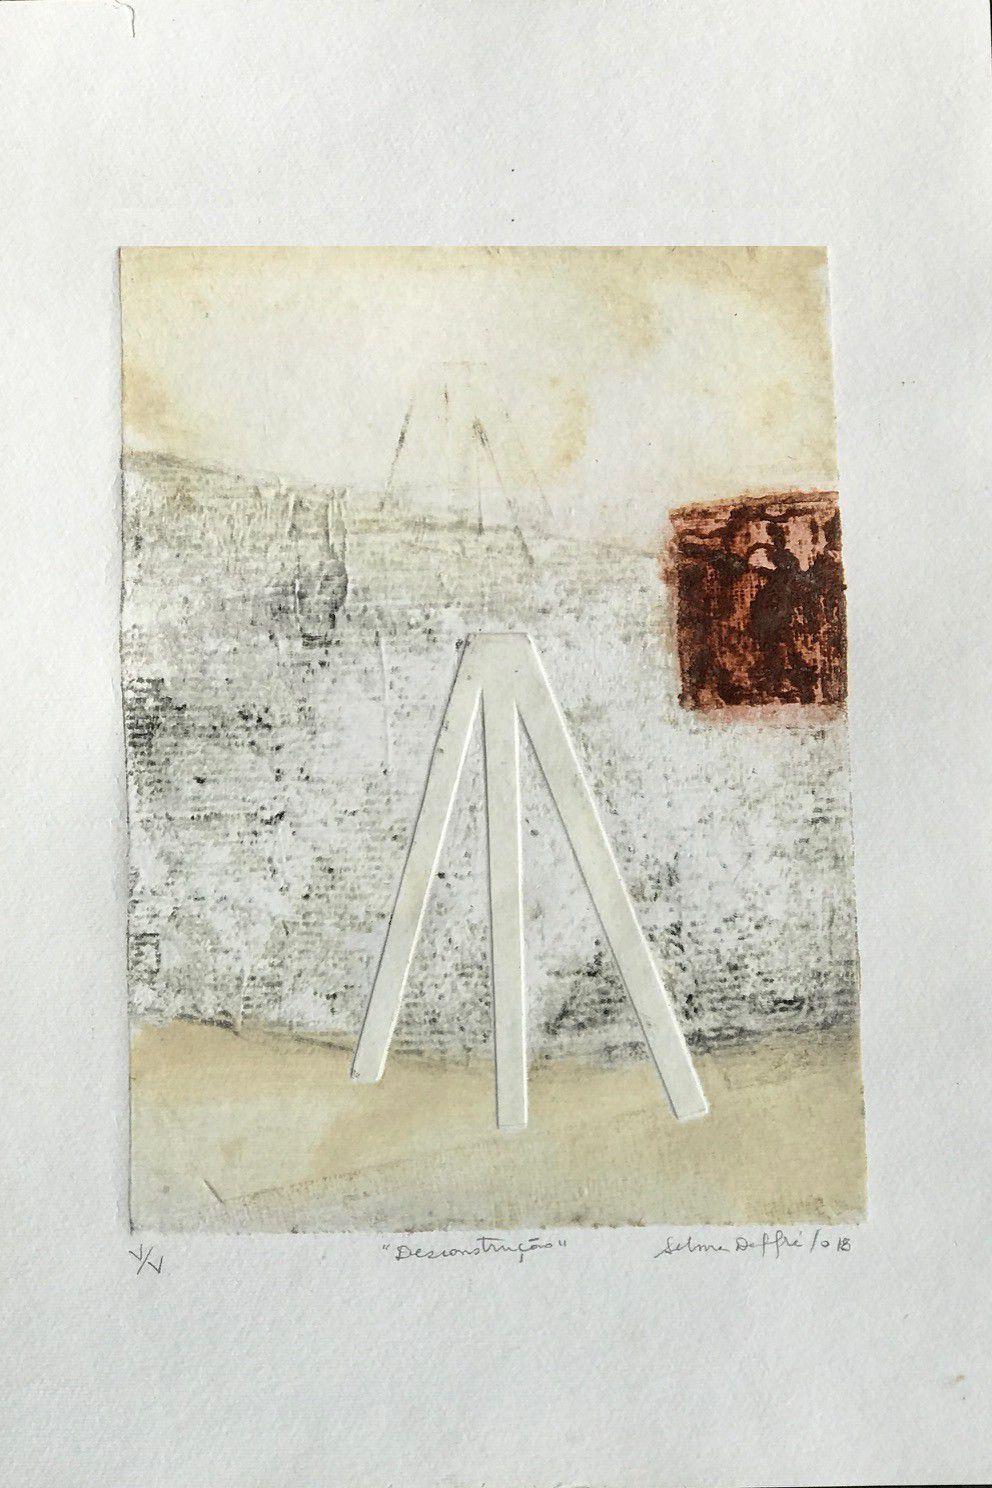 Selma Daffre - Desconstrução V